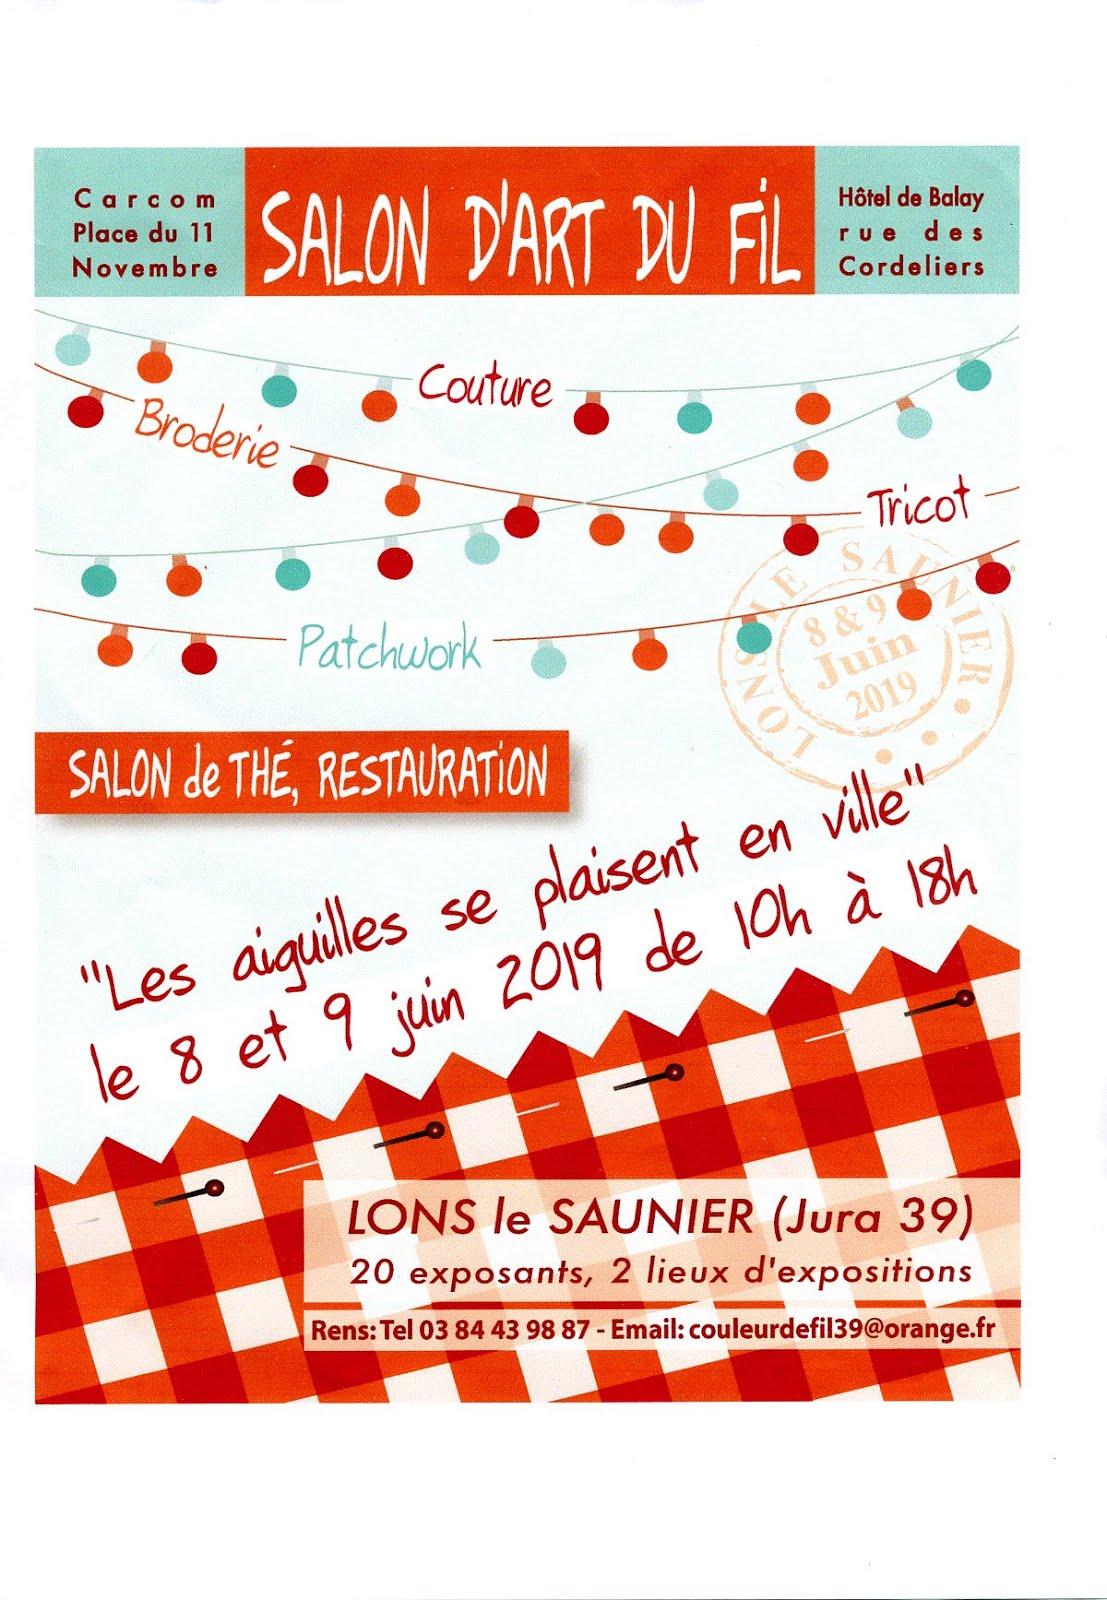 Salon d'art du fil à Lons le Saunier les 8 et 9 juin